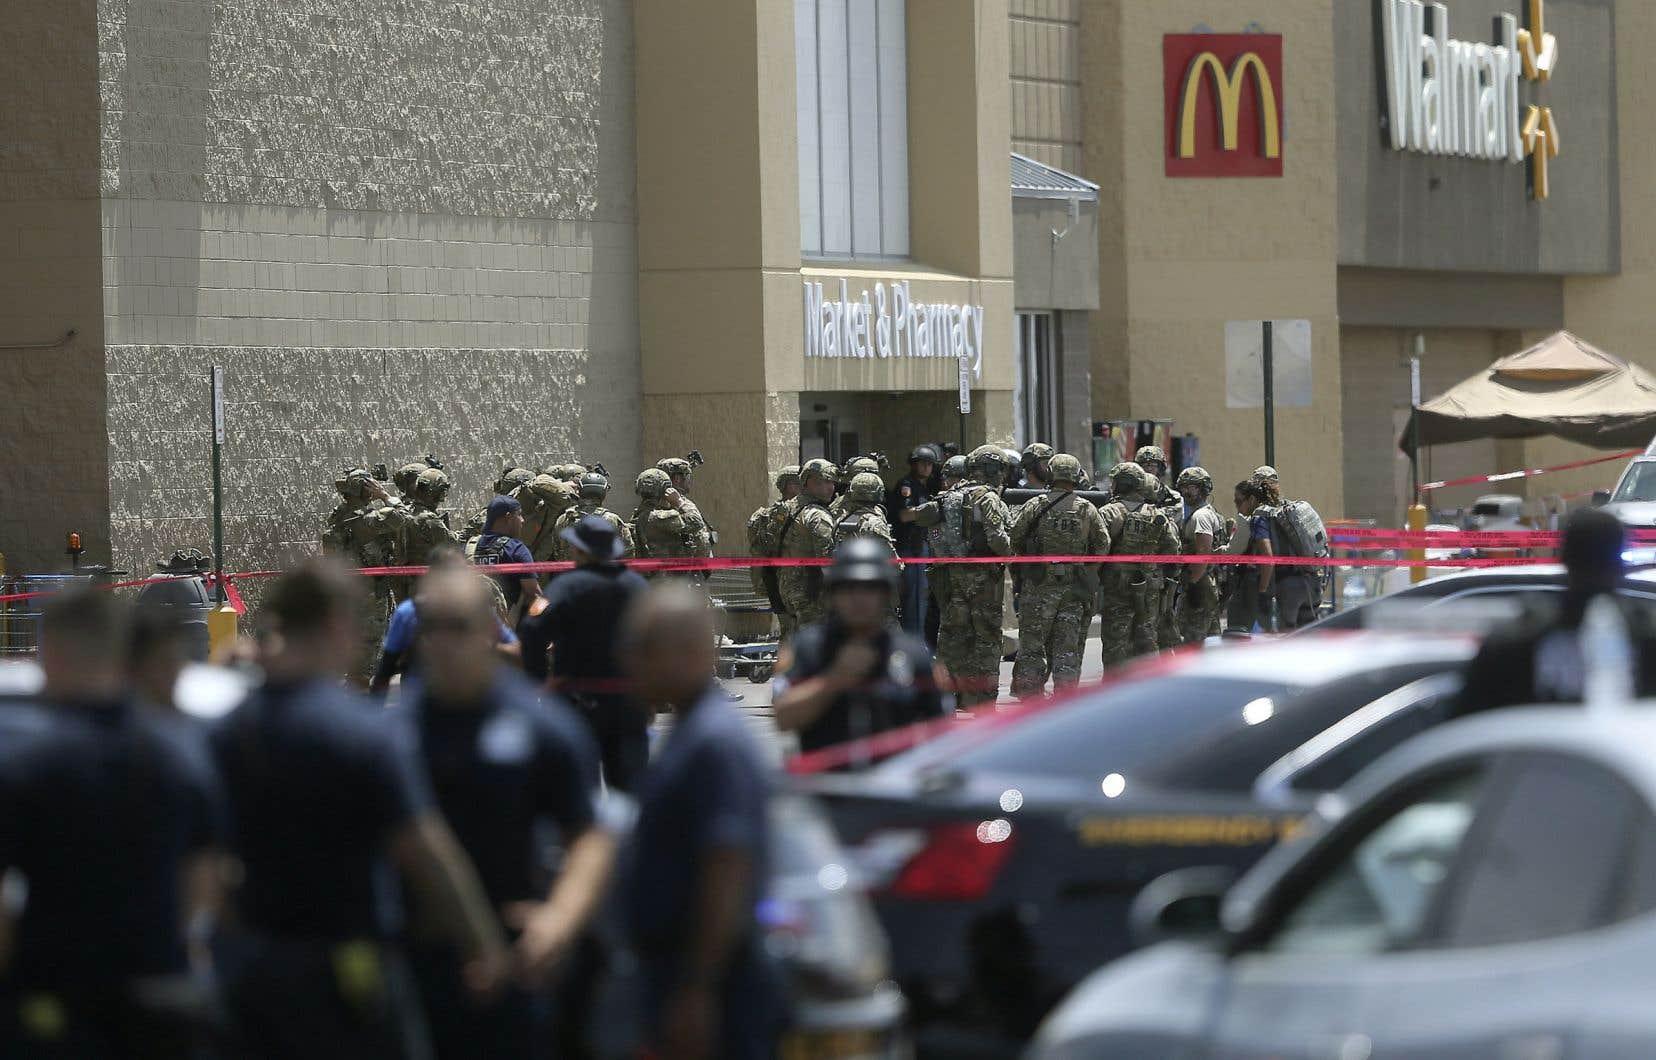 La fusillade est survenue dans un hypermarché Walmart d'El Paso, dans le sud des États-Unis.